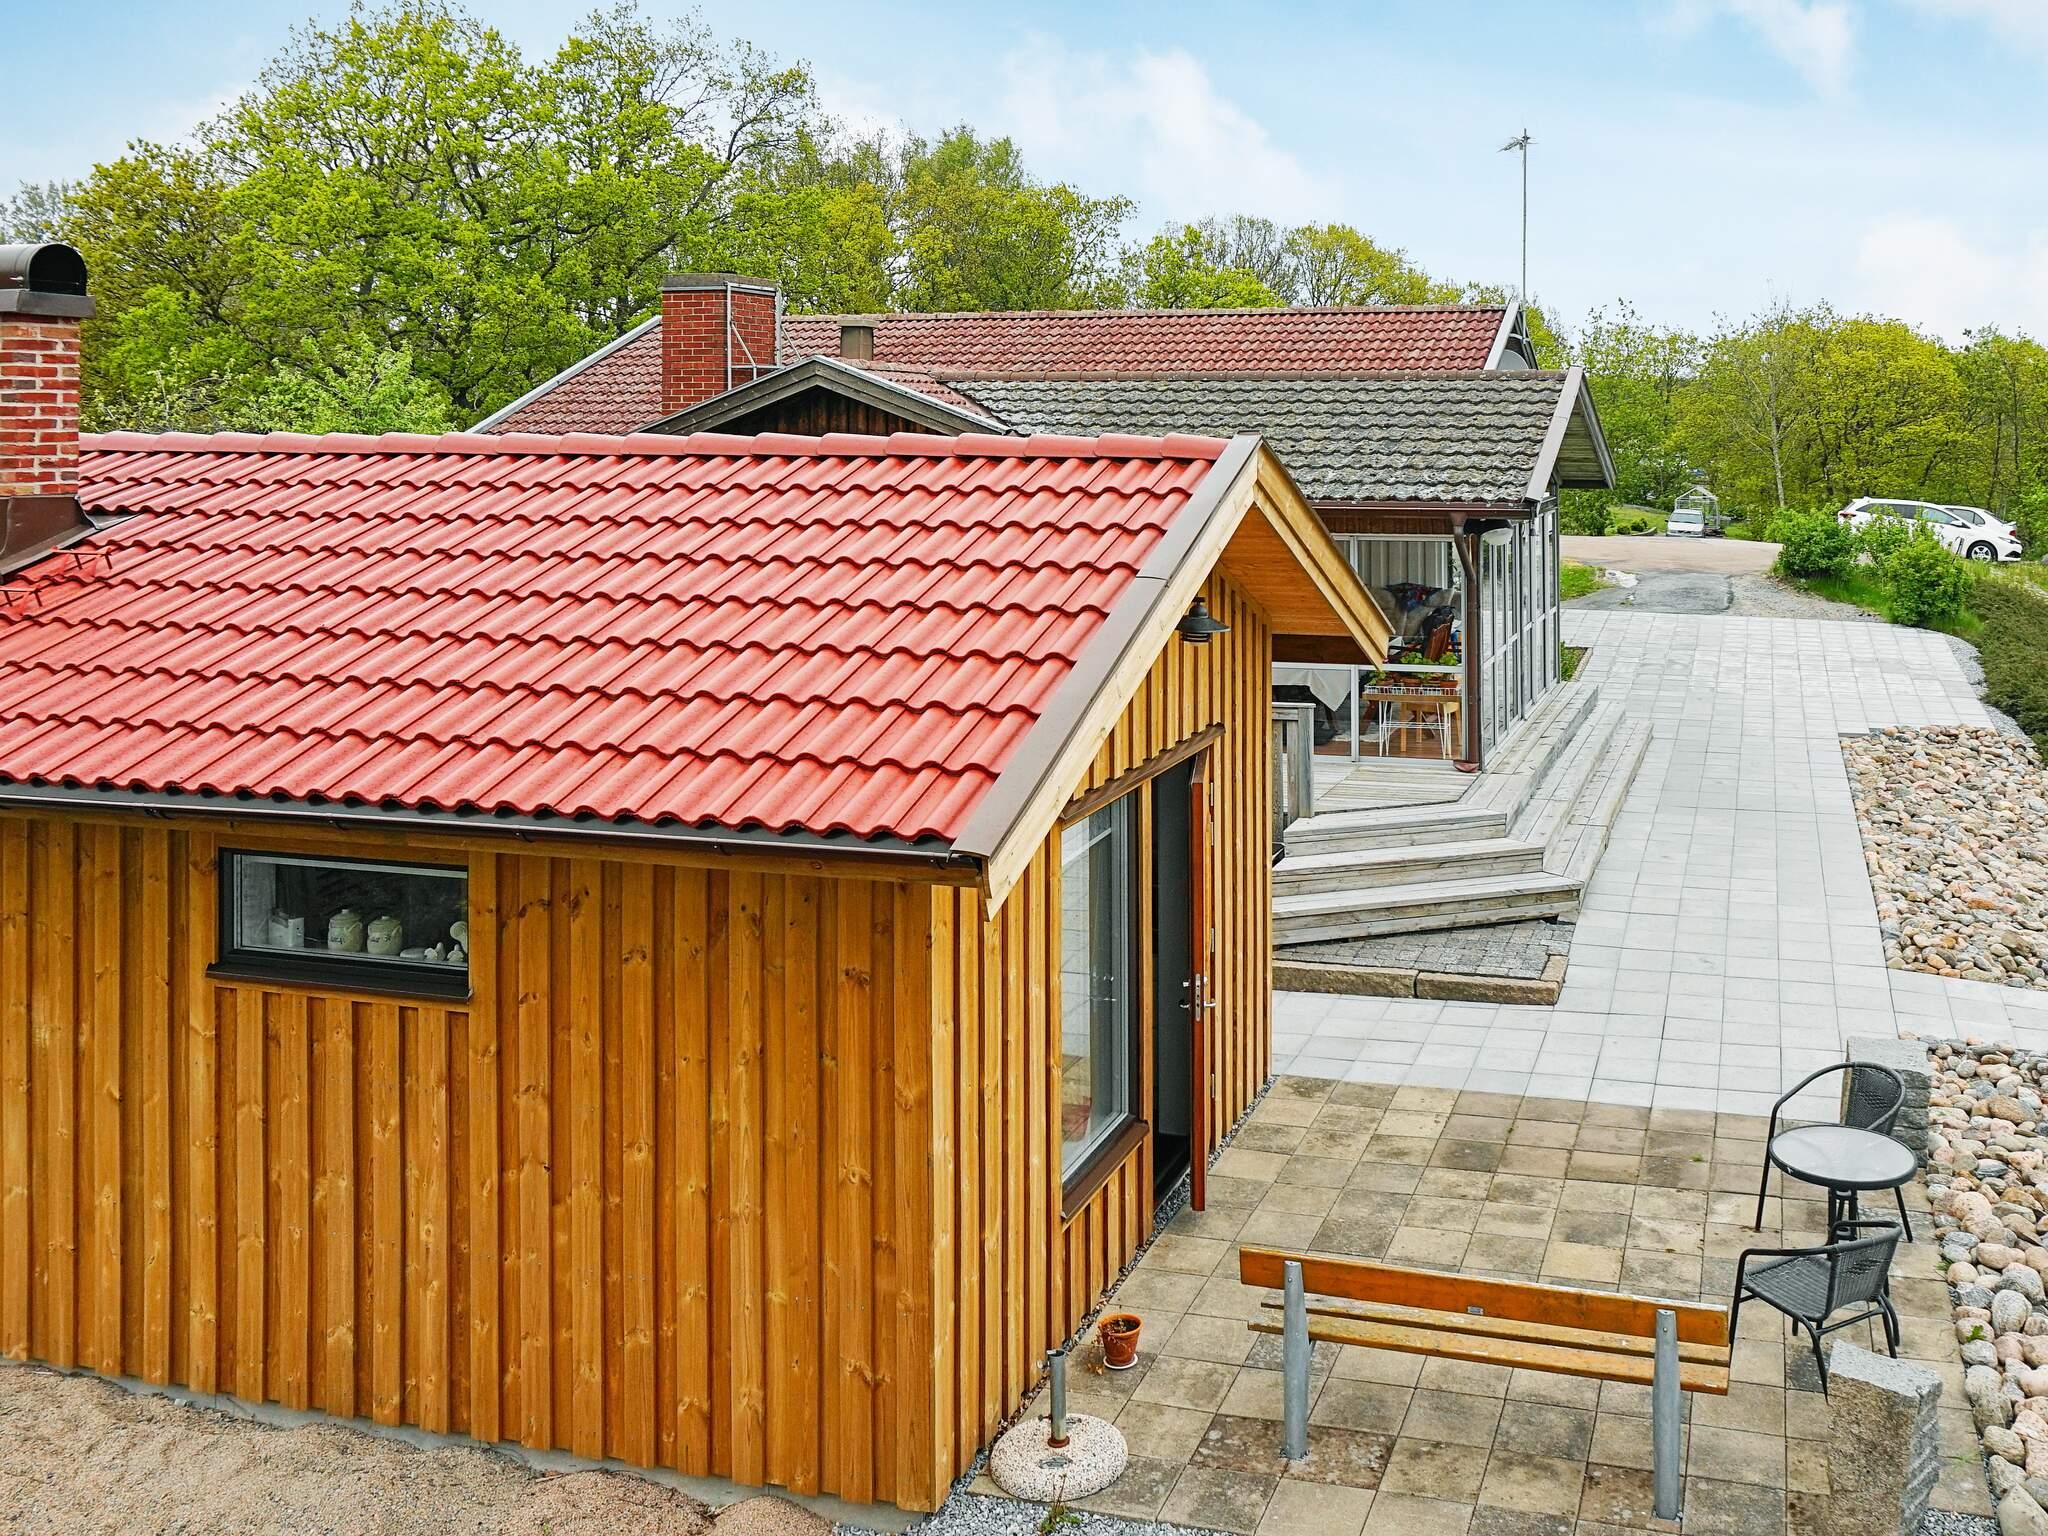 Ferienhaus Tjörn/Kållekärr (2619122), Kållekärr, Tjörn, Westschweden, Schweden, Bild 13